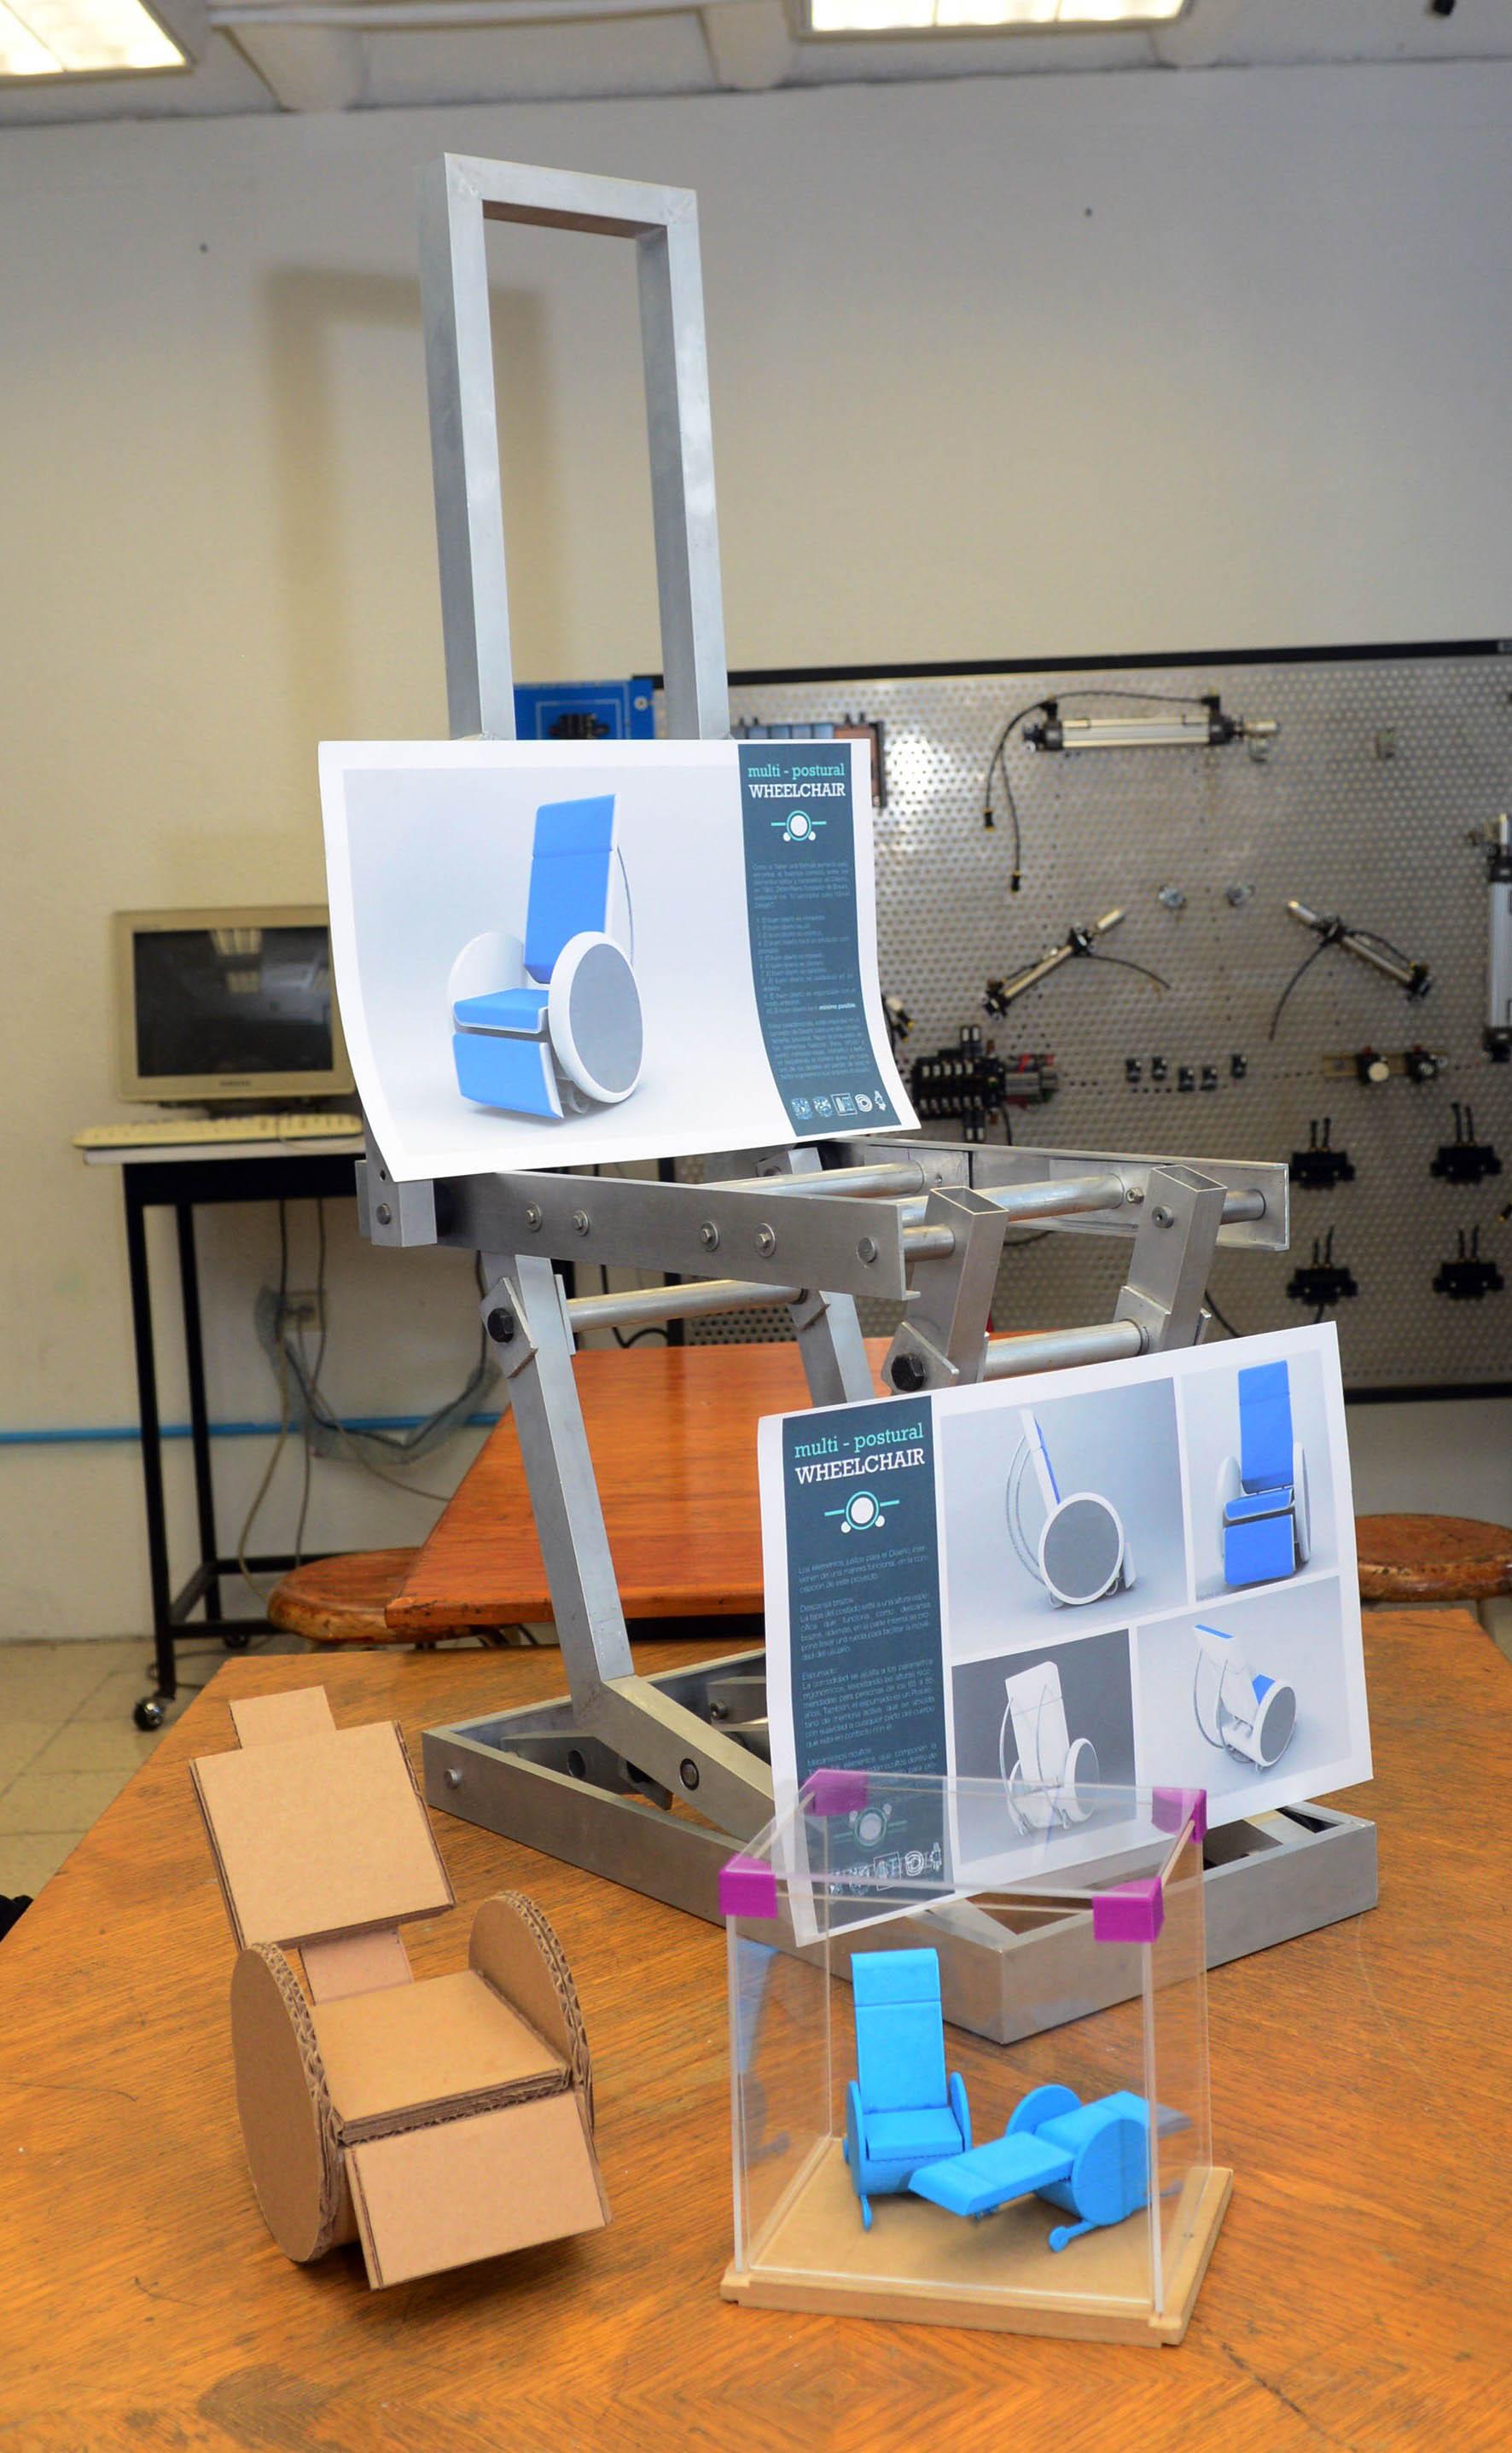 Crean en la unam silla ortop dica especial para adultos mayores o discapacitados zona centro - Silla de bano ortopedica ...